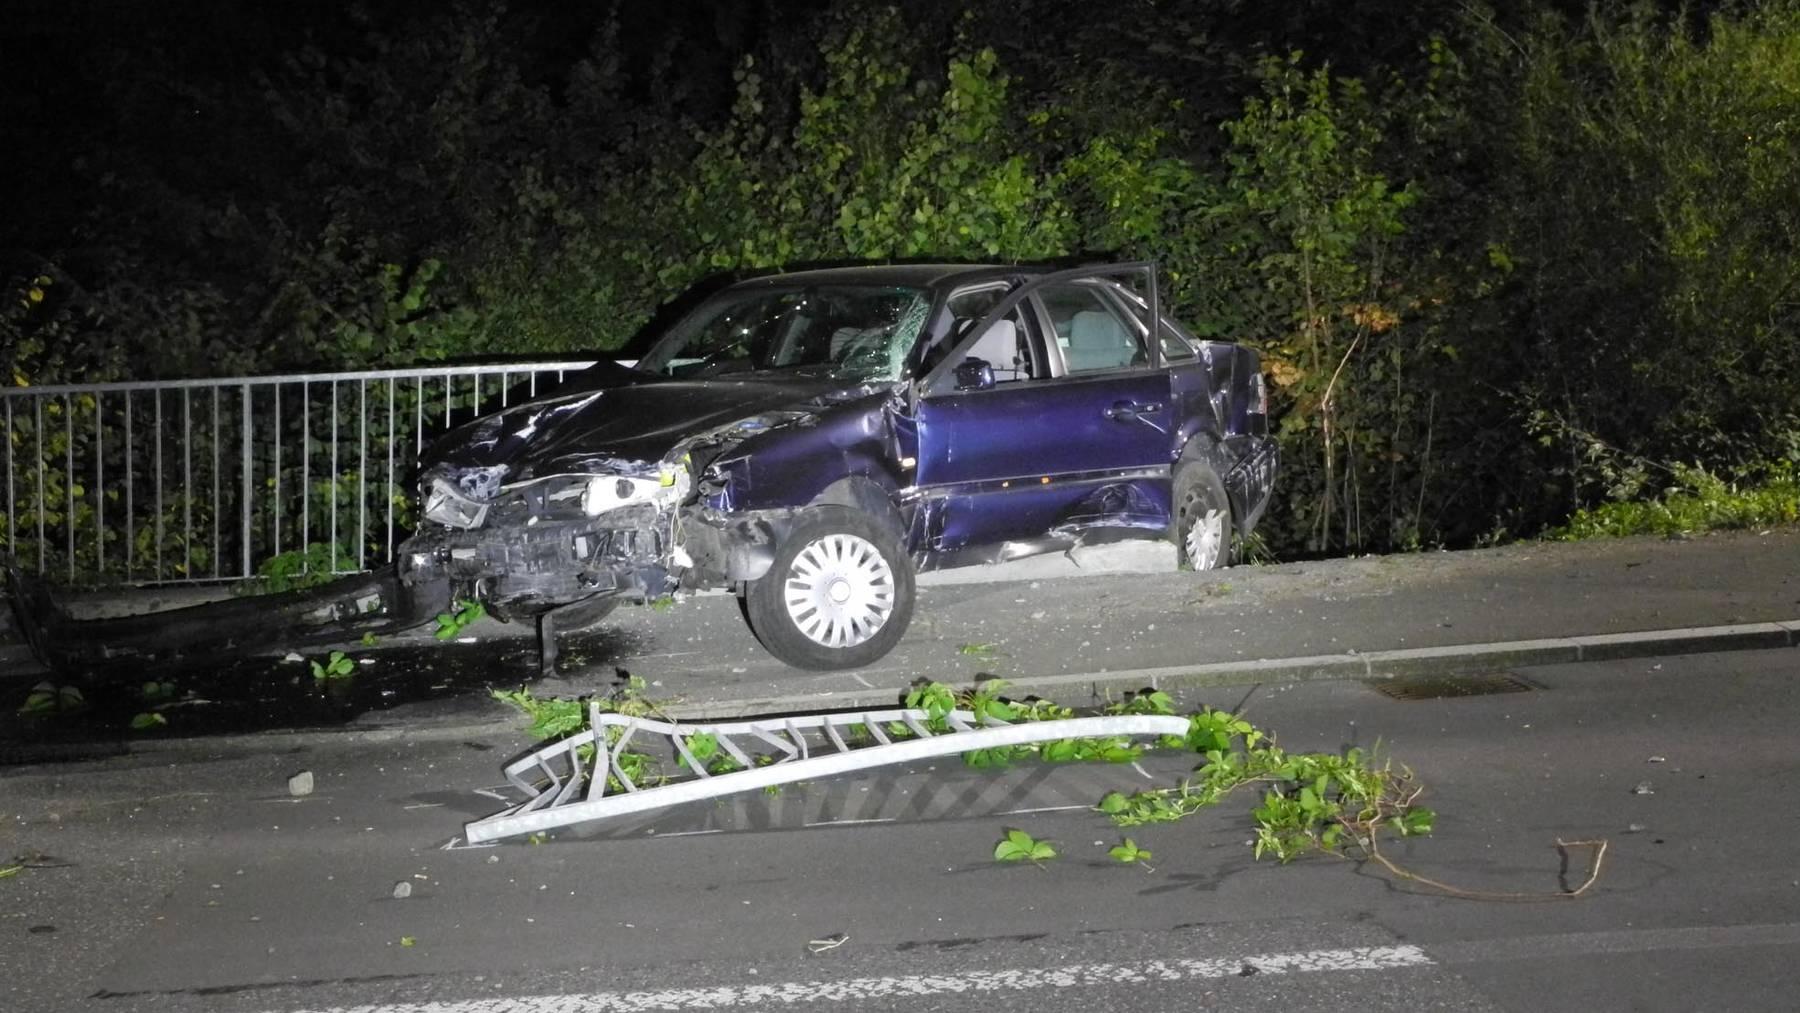 Immer wieder verursachen Raser schwere Verkehrsunfälle. Dennoch kommen sie meist mit einem blauen Auge davon. Im Bild ein Raserunfall von 2015 in Wollerau SZ.